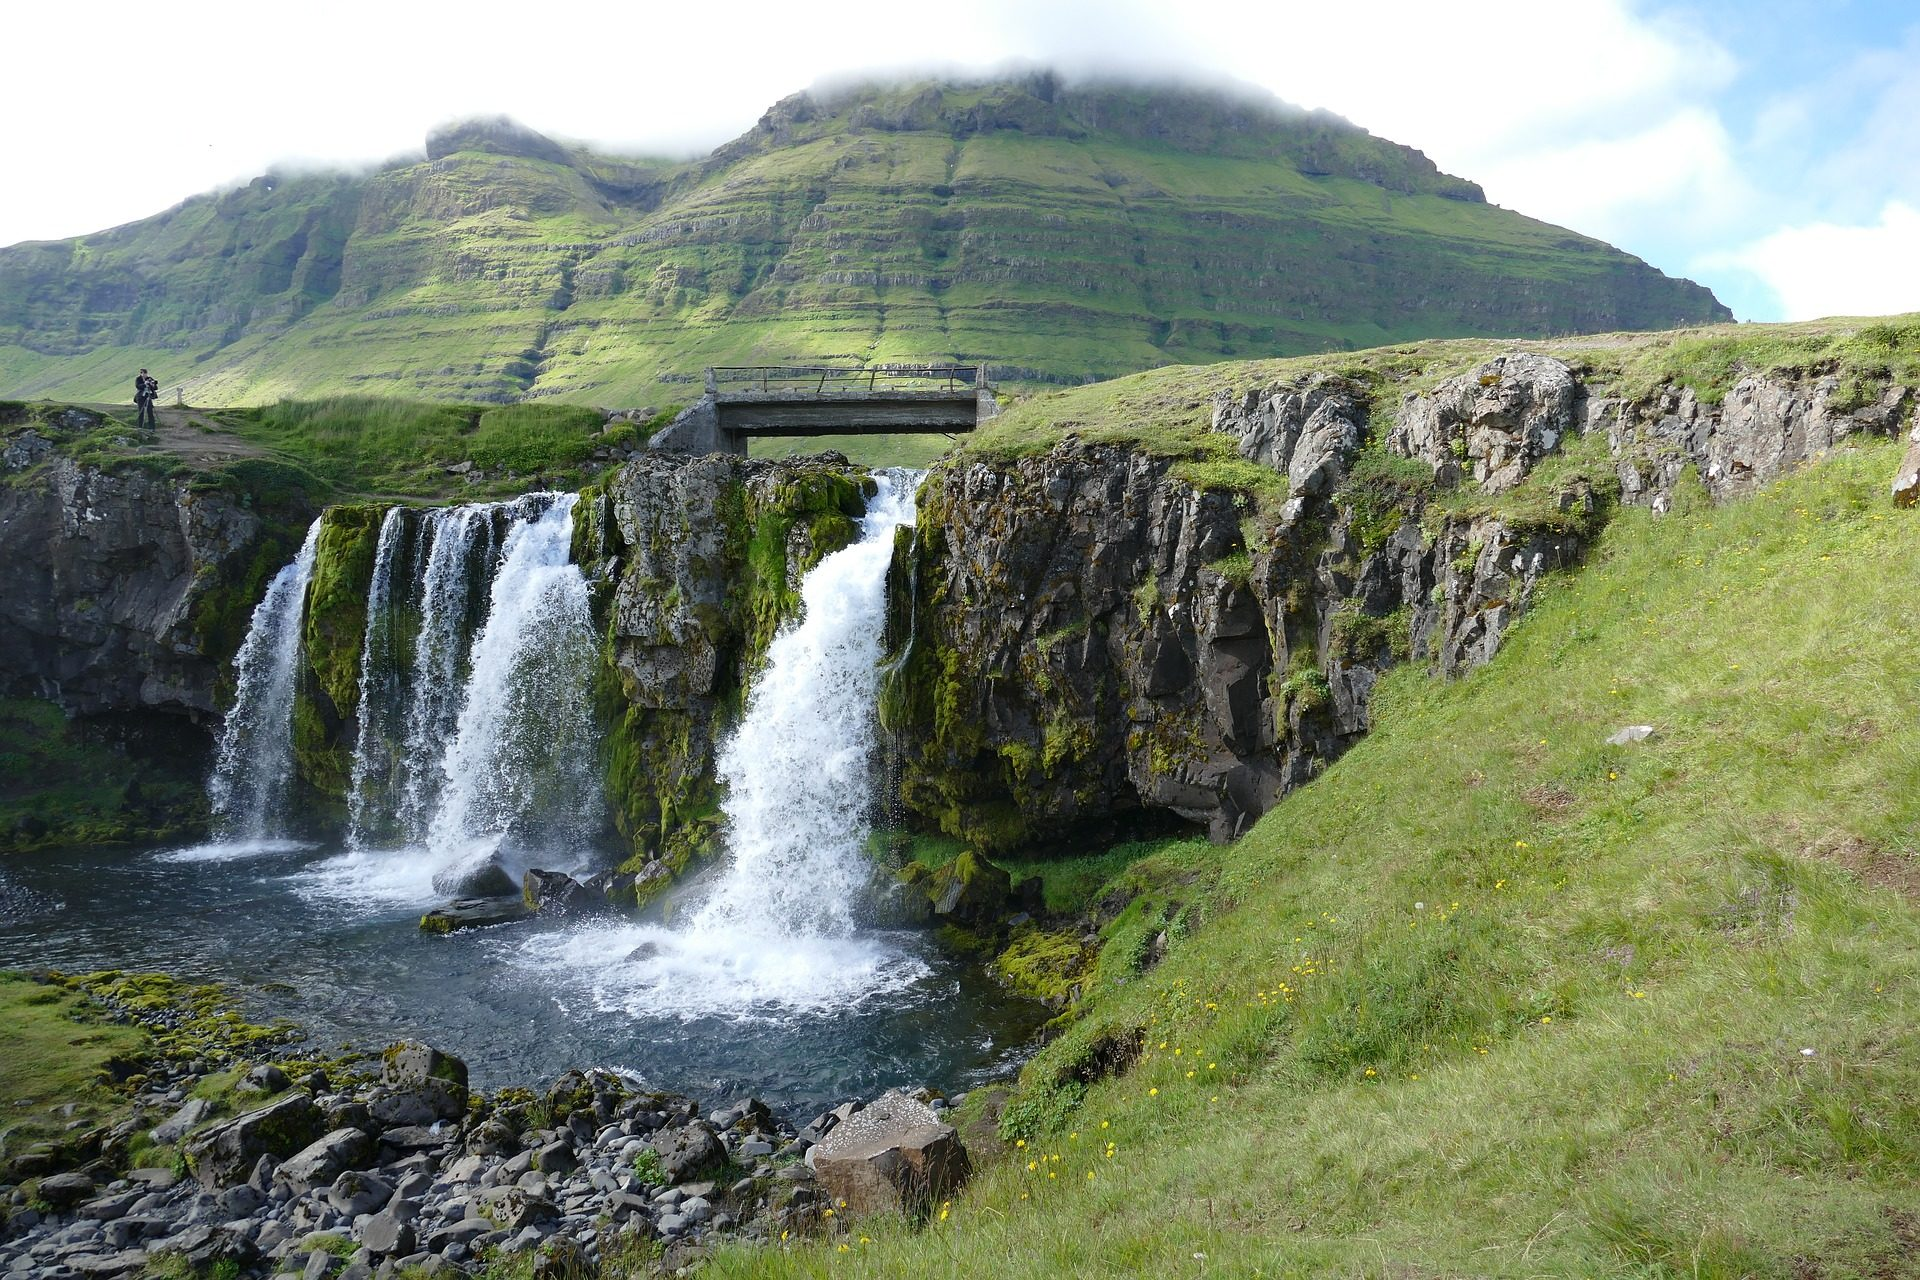 eau, Rivière, Falls, chute d'eau, Montañas, snaefellness, Islande - Fonds d'écran HD - Professor-falken.com